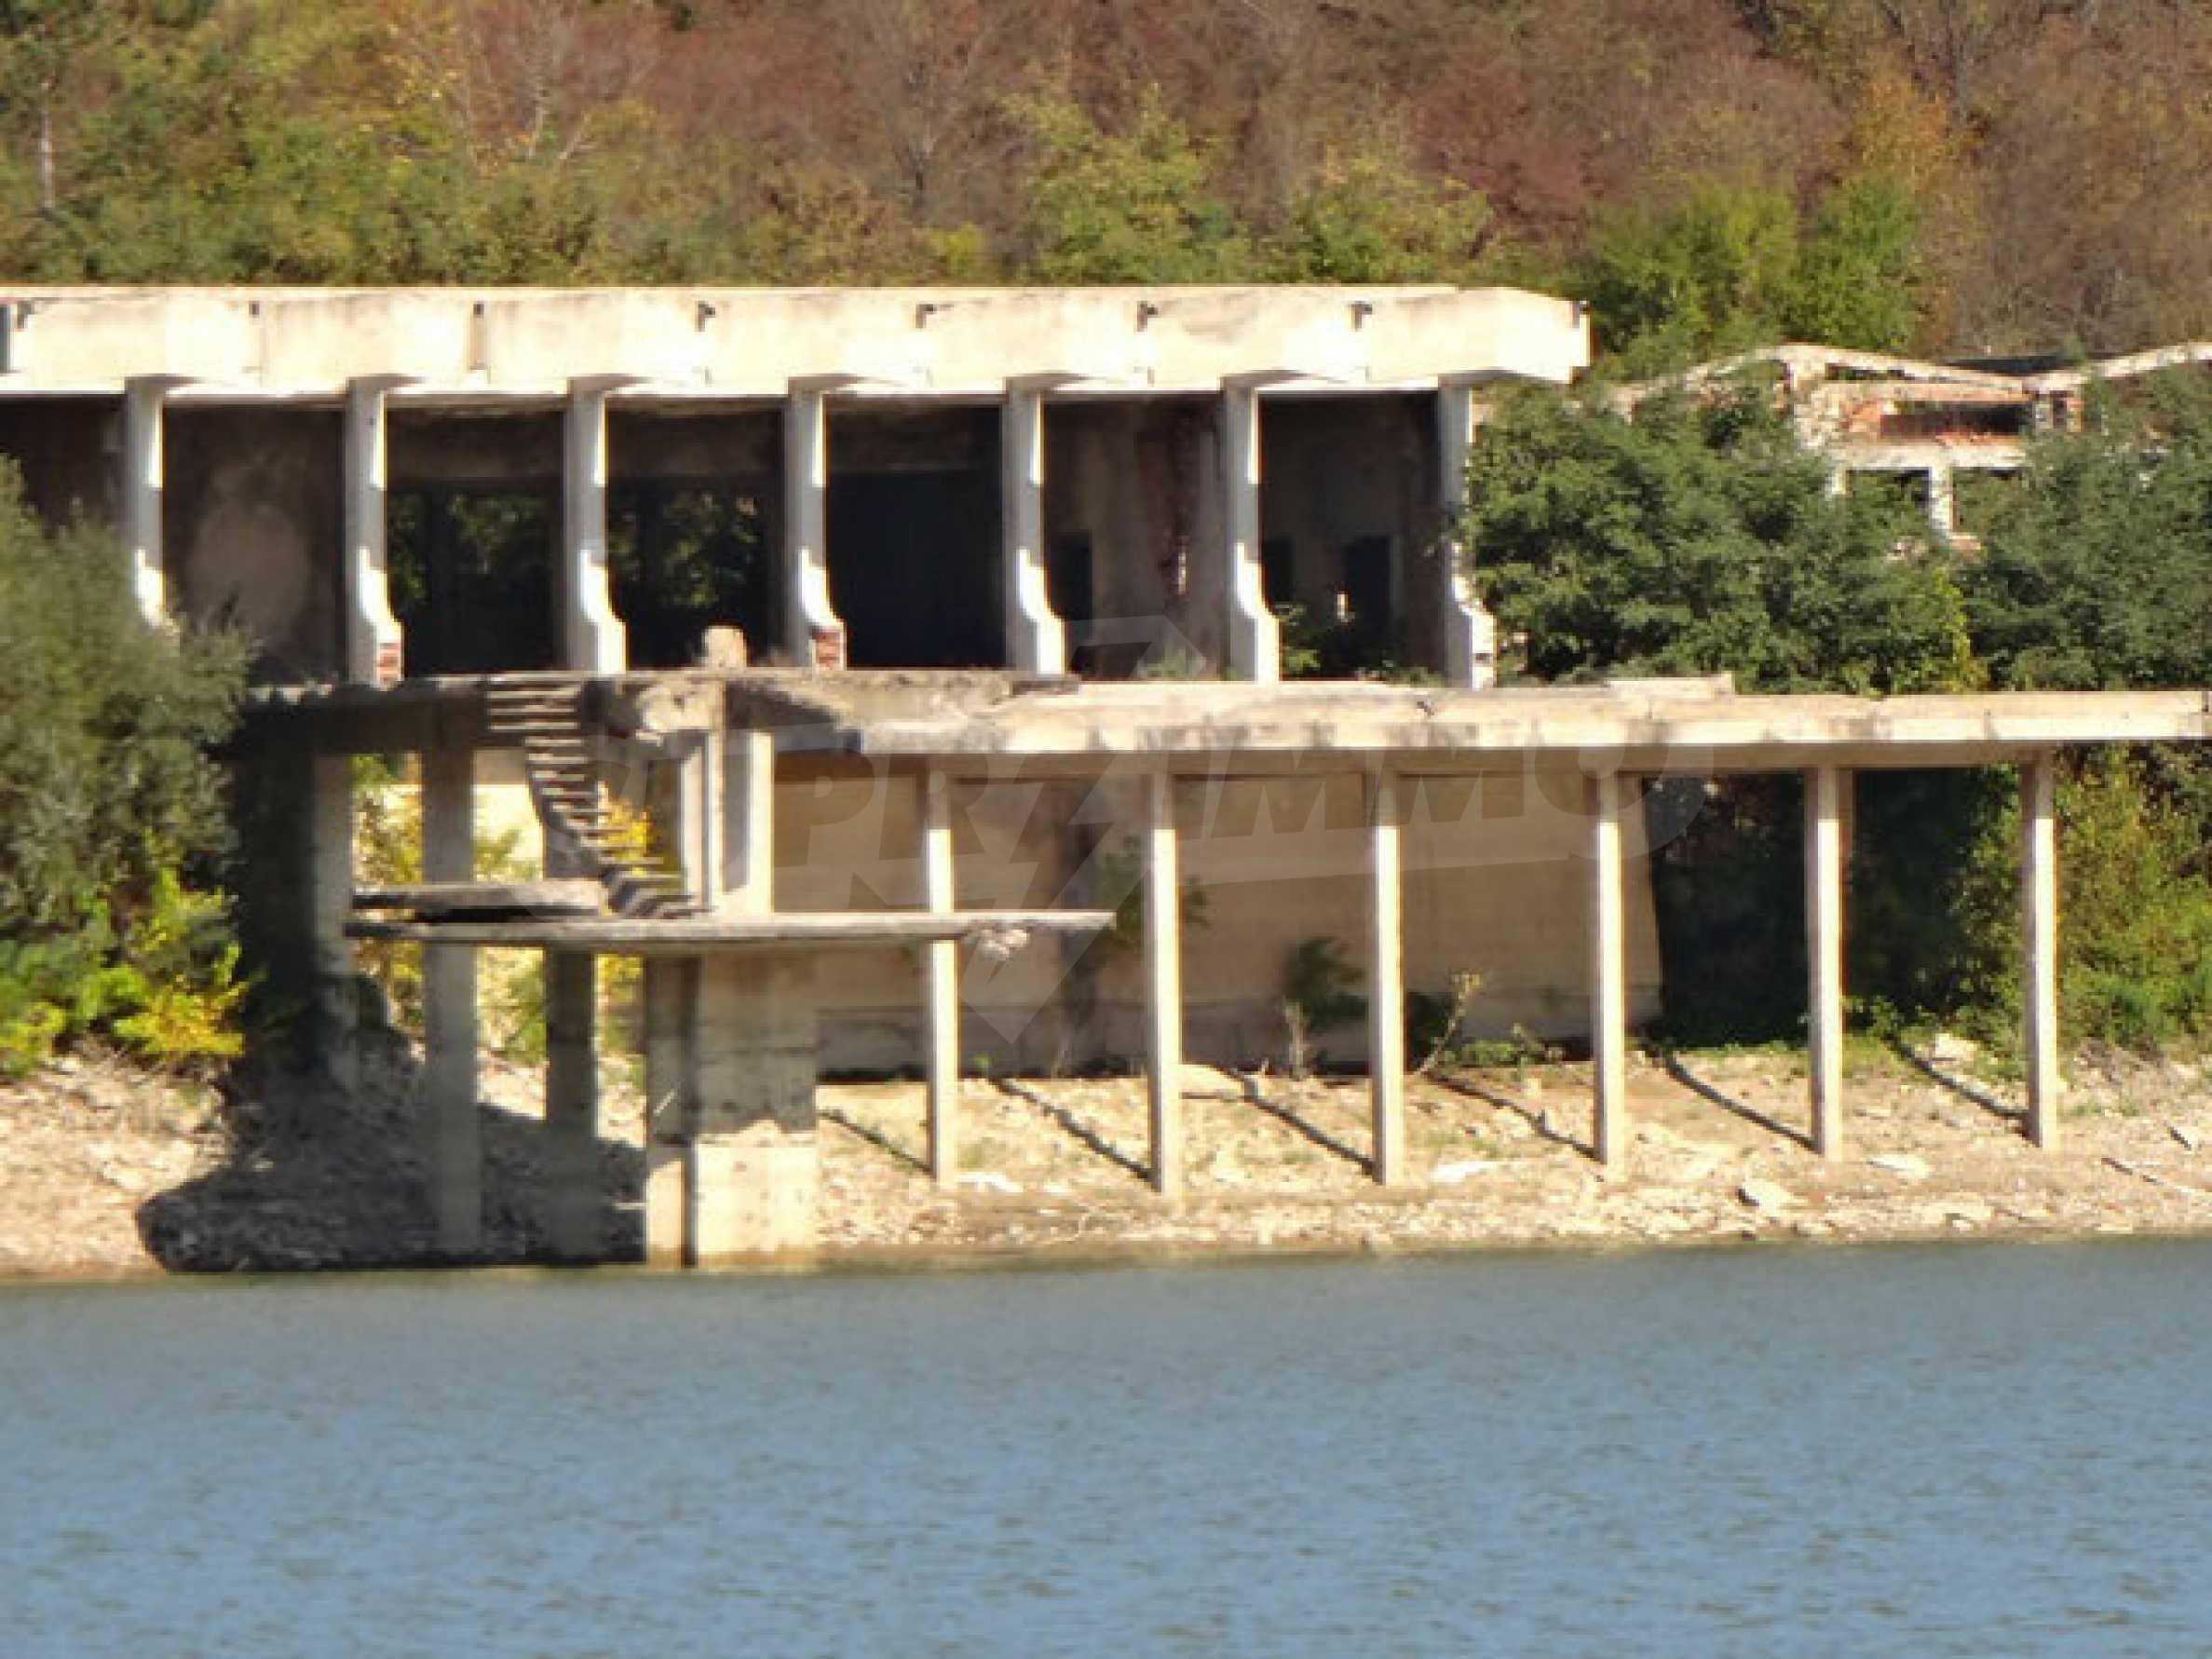 Massives Gebäude am Ufer eines Dammes 35